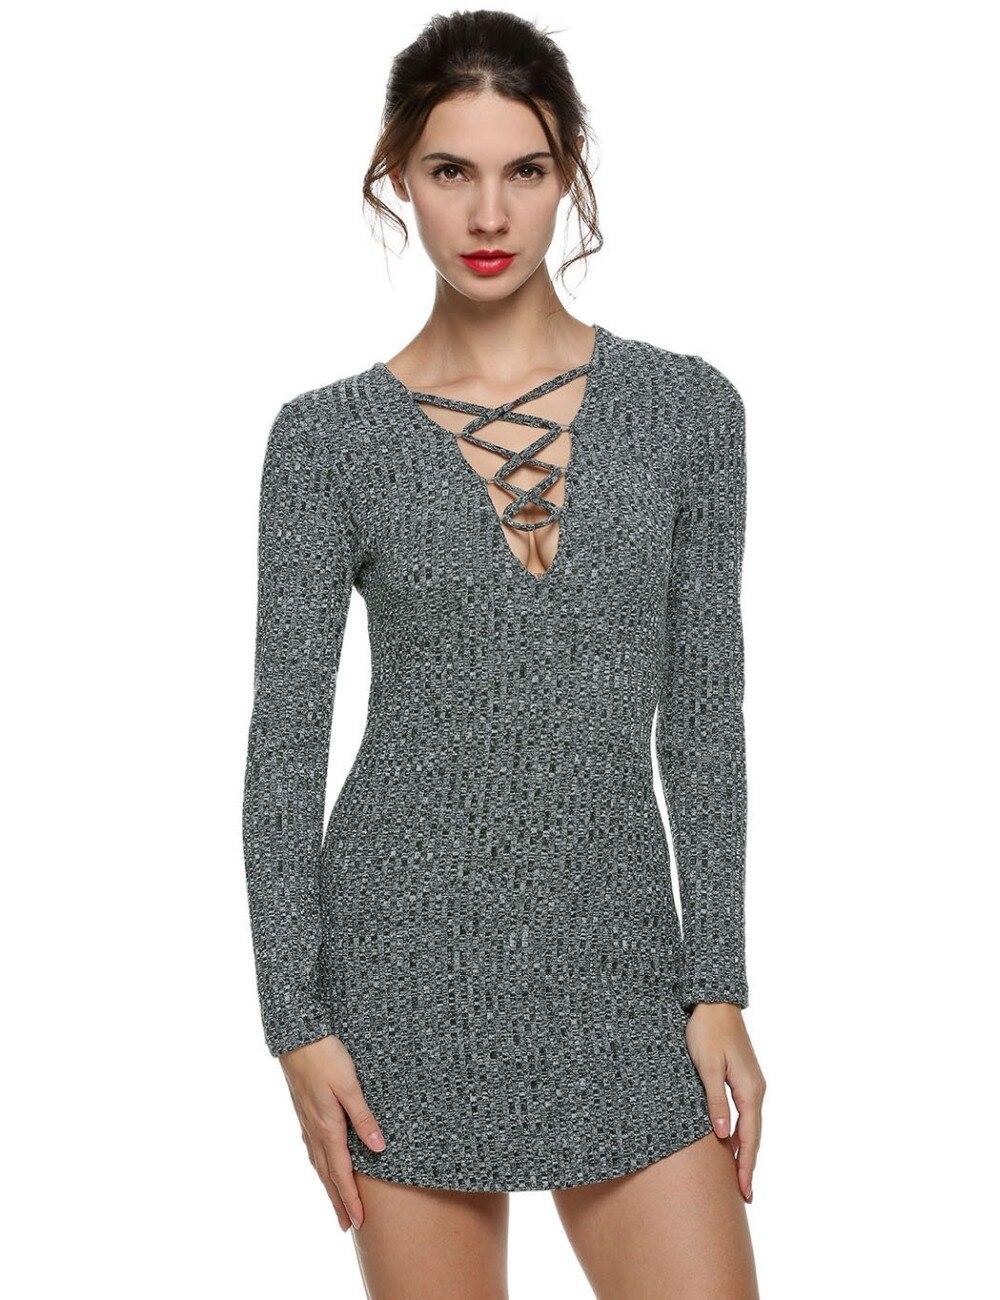 37eda818 Lace Up Bodycon Dress Long Sleeve | Saddha